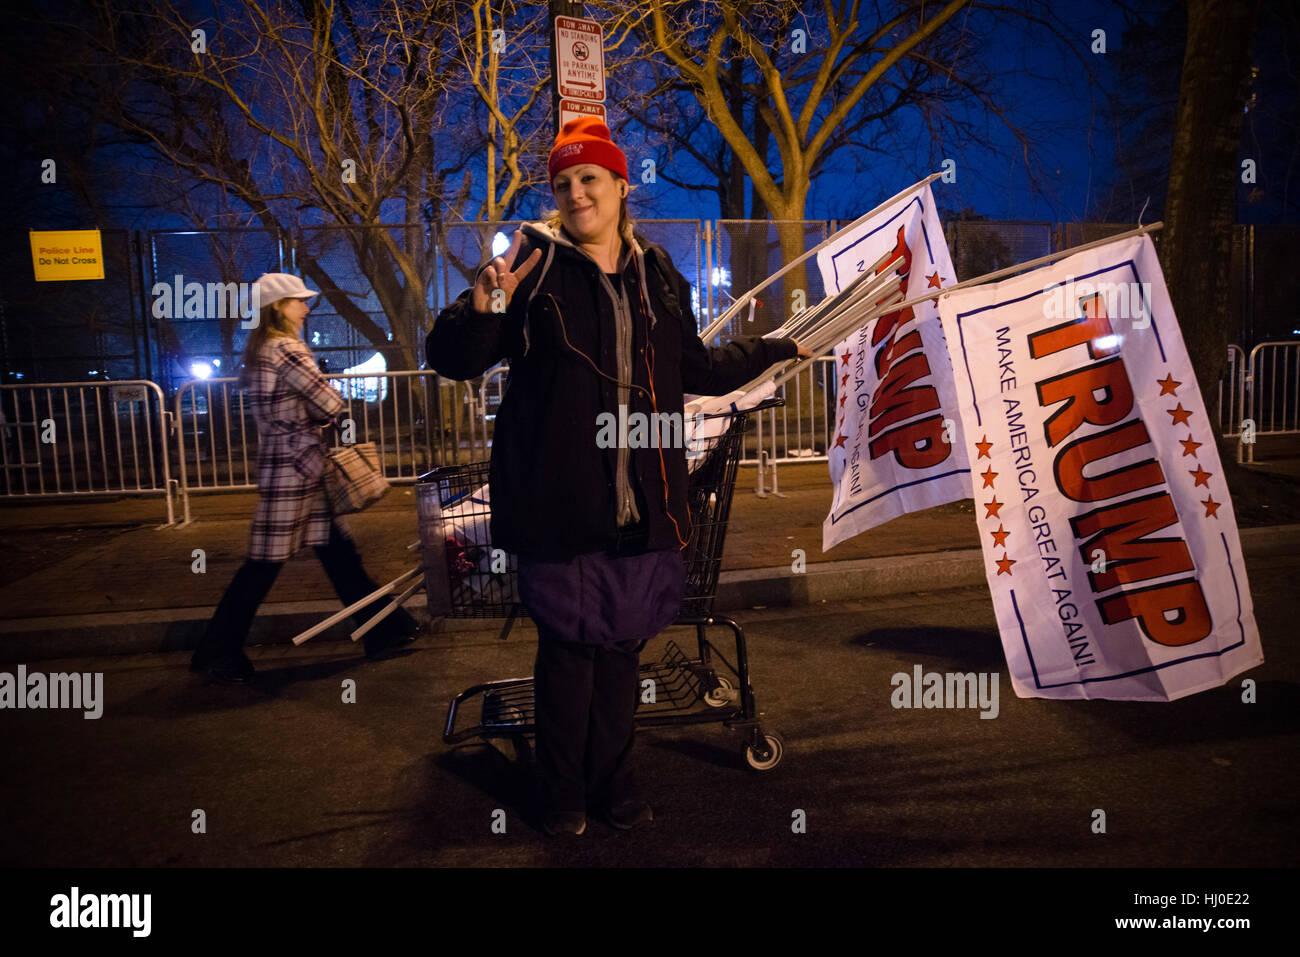 Washington DC, USA. 20. Januar 2017. Straßenhändler mit Trump Zeichen. Trumpf wird 45. Präsident Stockbild